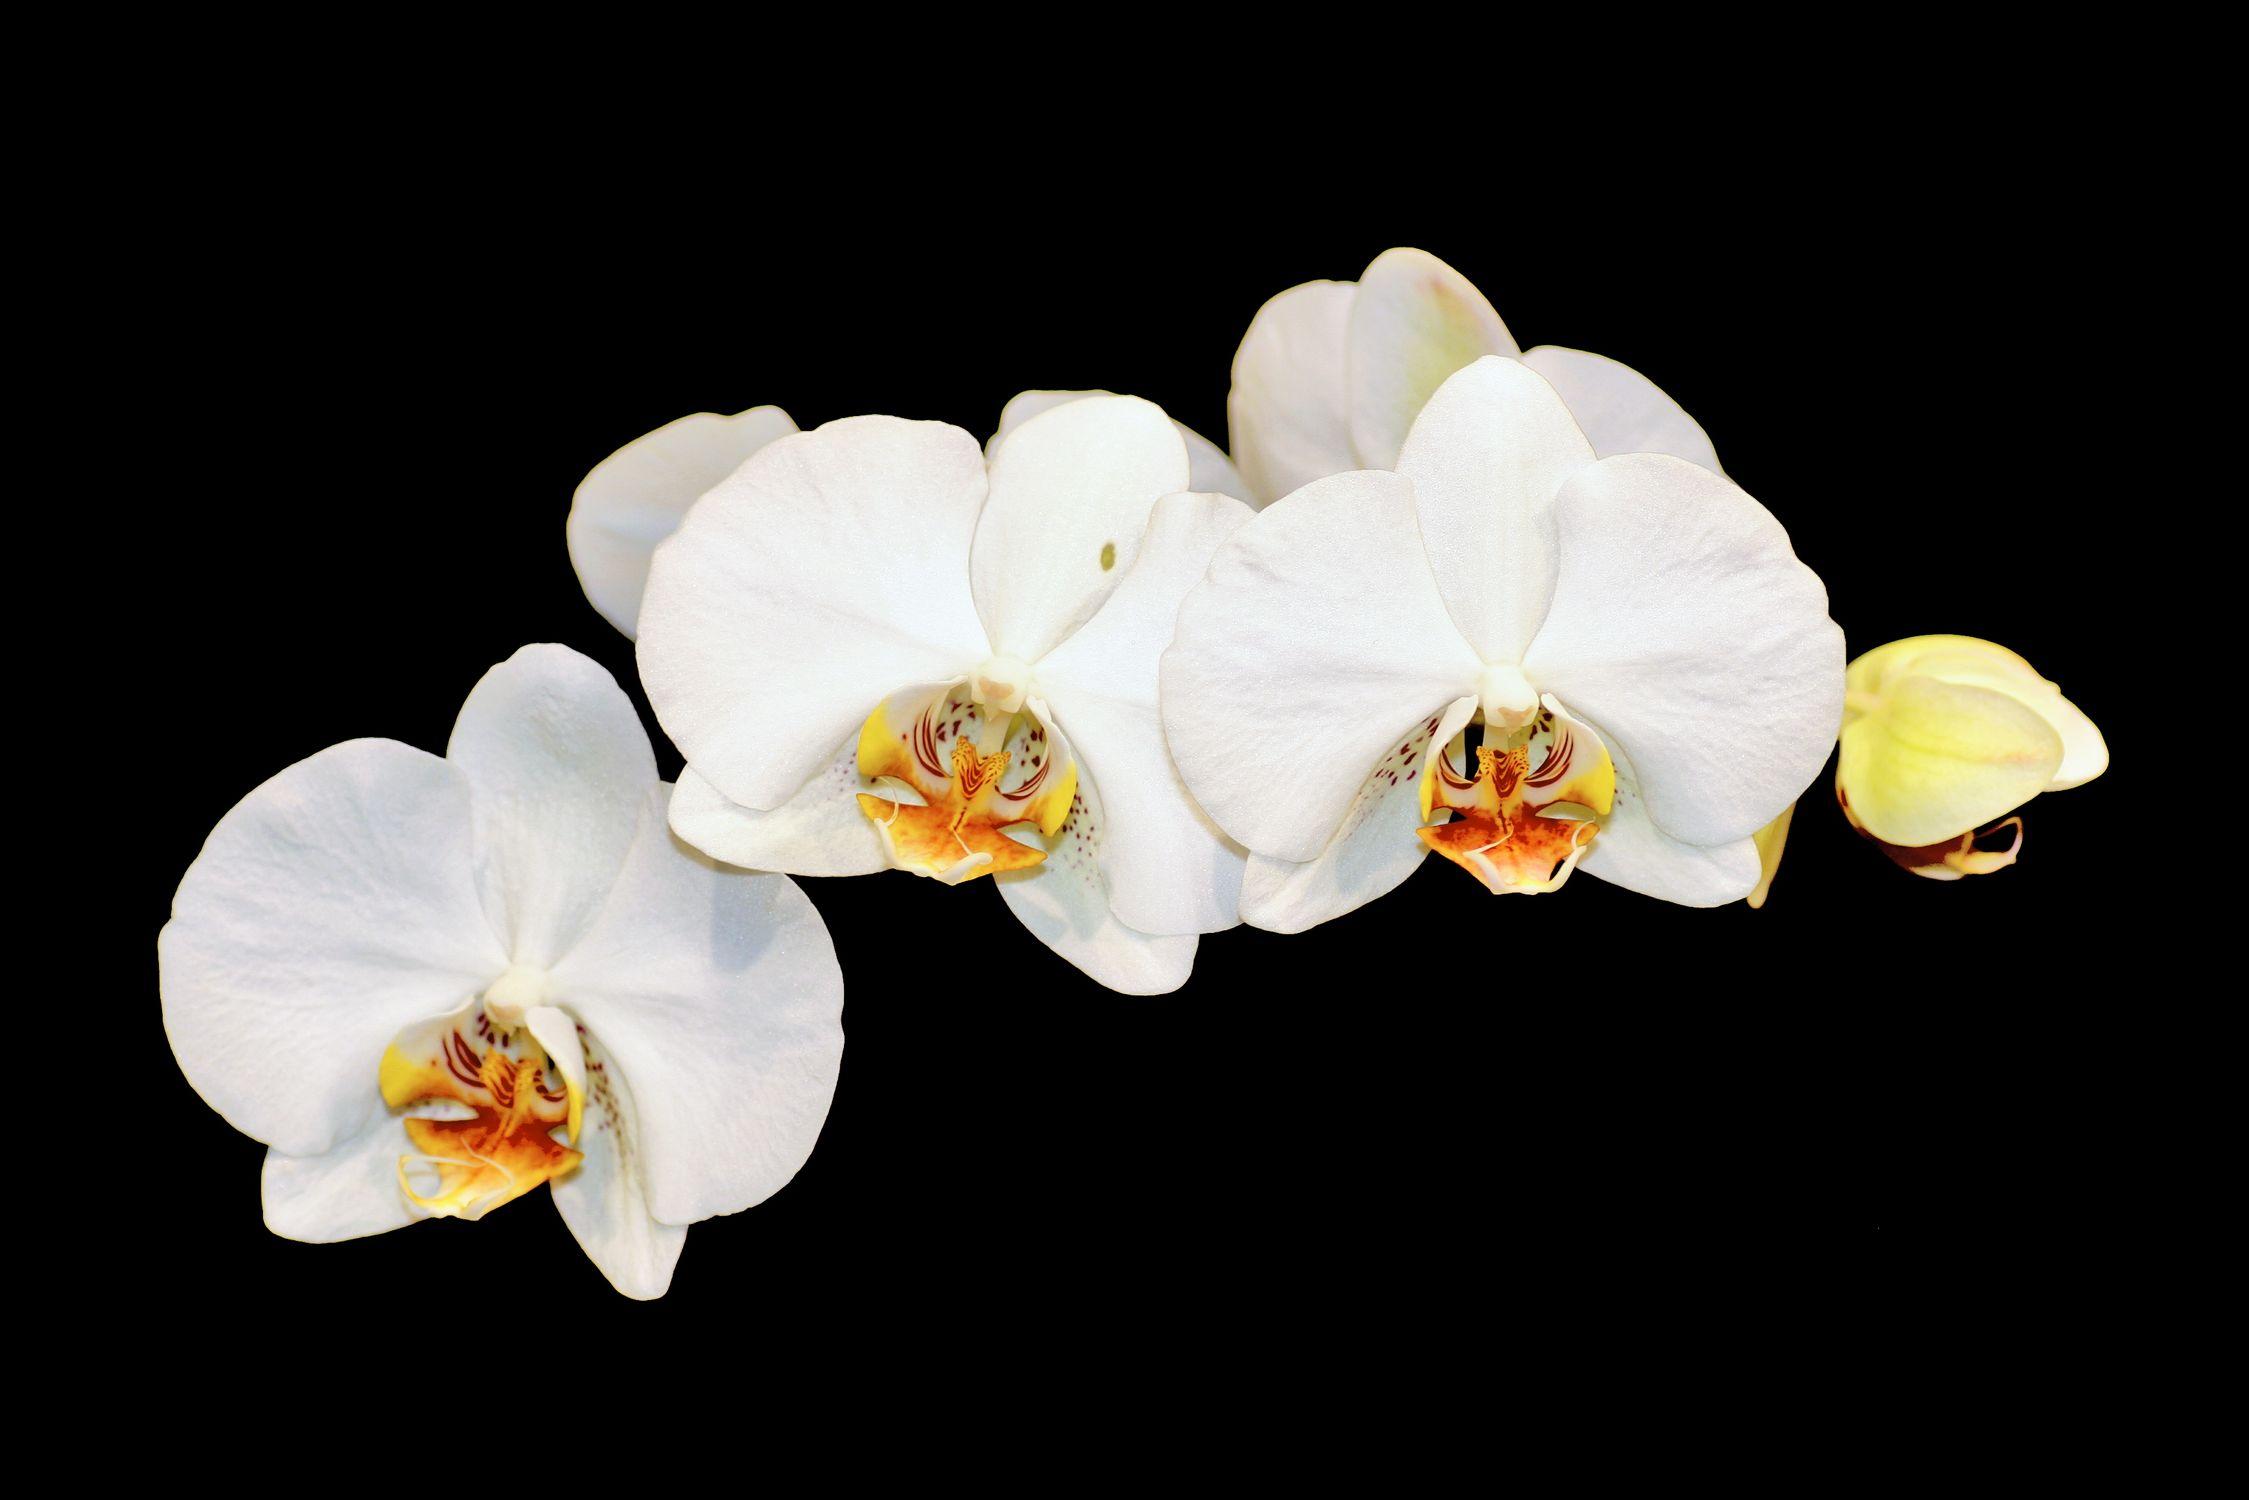 Bild mit Farben, Natur, Pflanzen, Blumen, Weiß, Orchideen, Blume, Orchidee, Orchidee, Orchid, Orchids, Orchideengewächse, Pflanze, Orchidaceae, Grammatophyllum speciosum, Orchideen vor schwarzen Hintergrund, Tiger